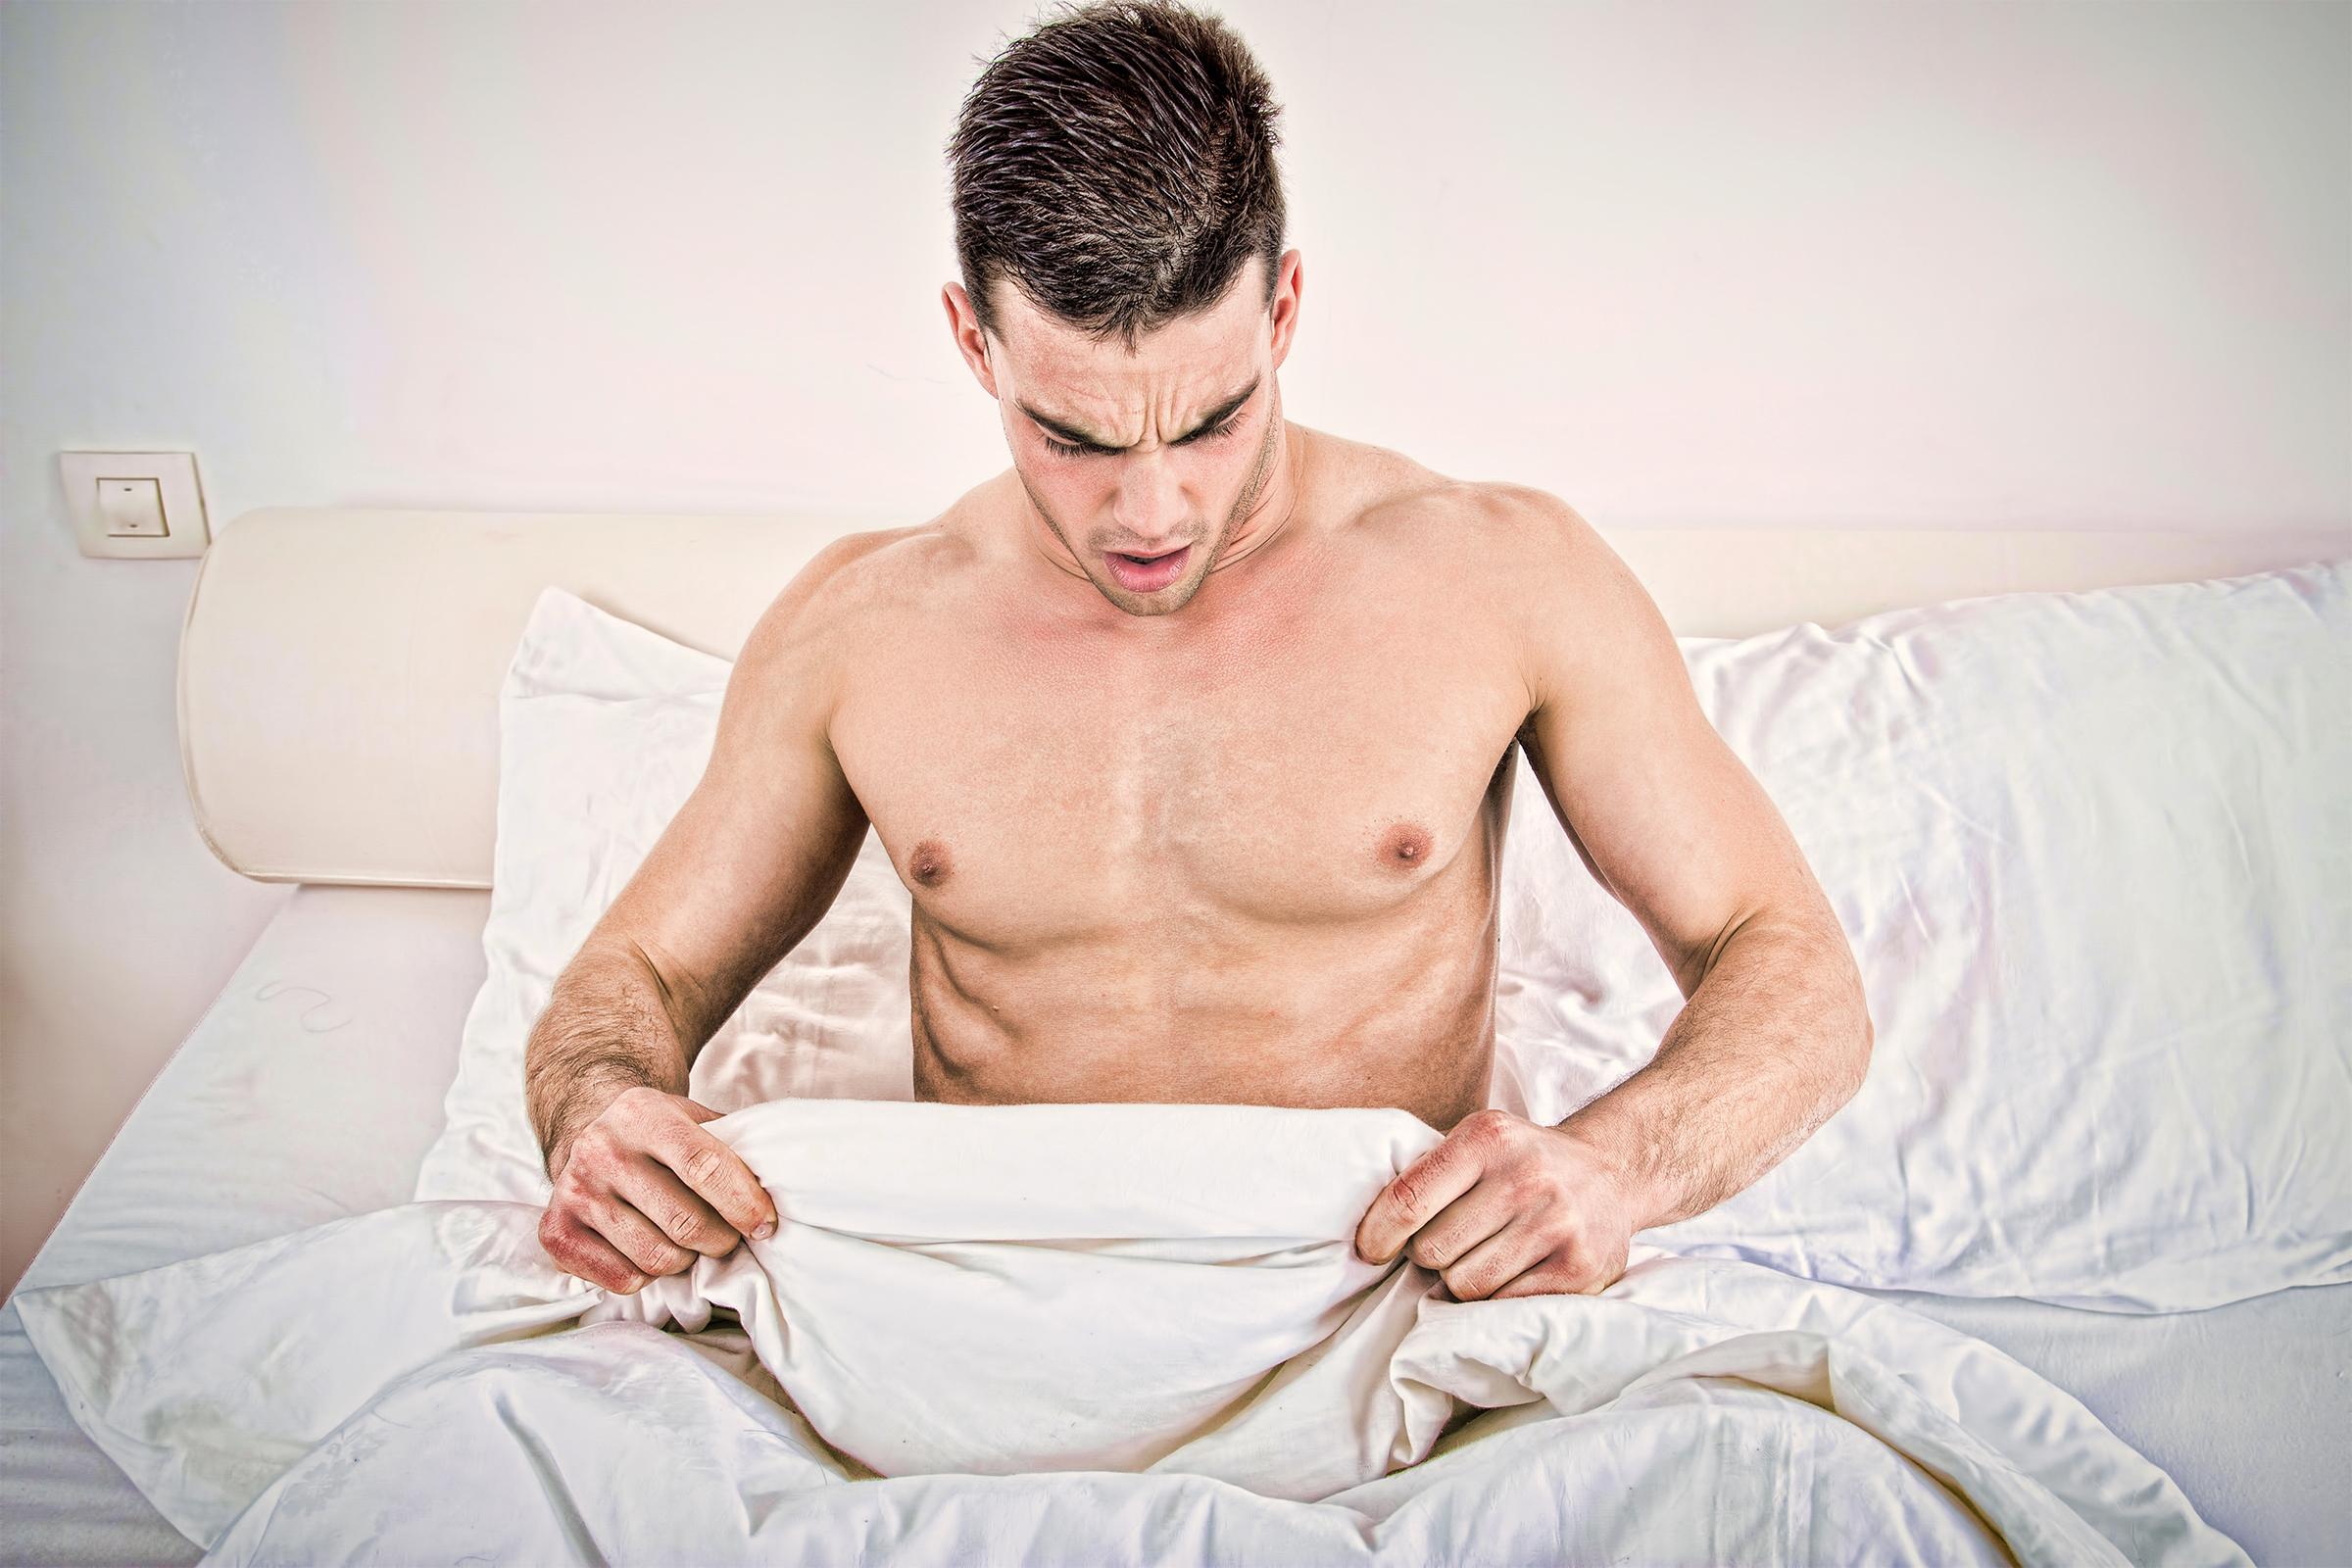 hogyan lehetne javítani a péniszen